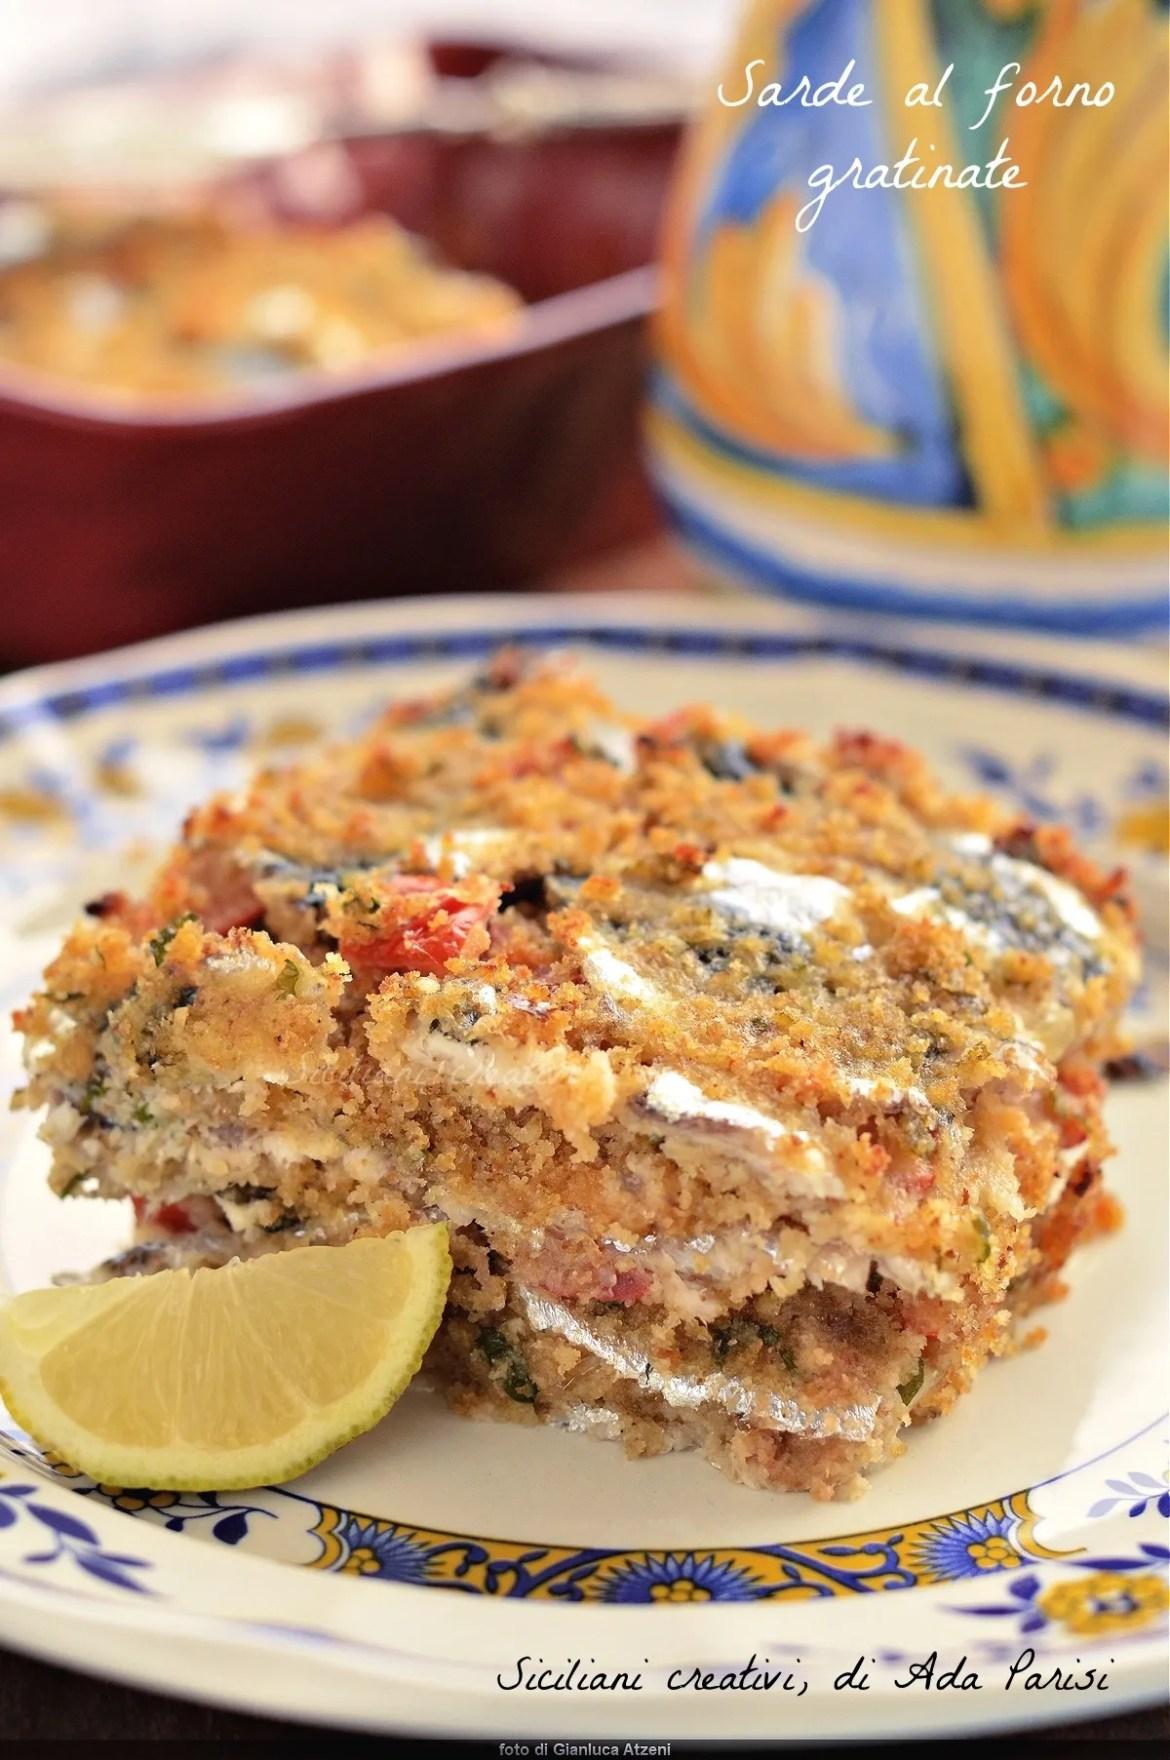 Sarde al forno gratinate alla siciliana